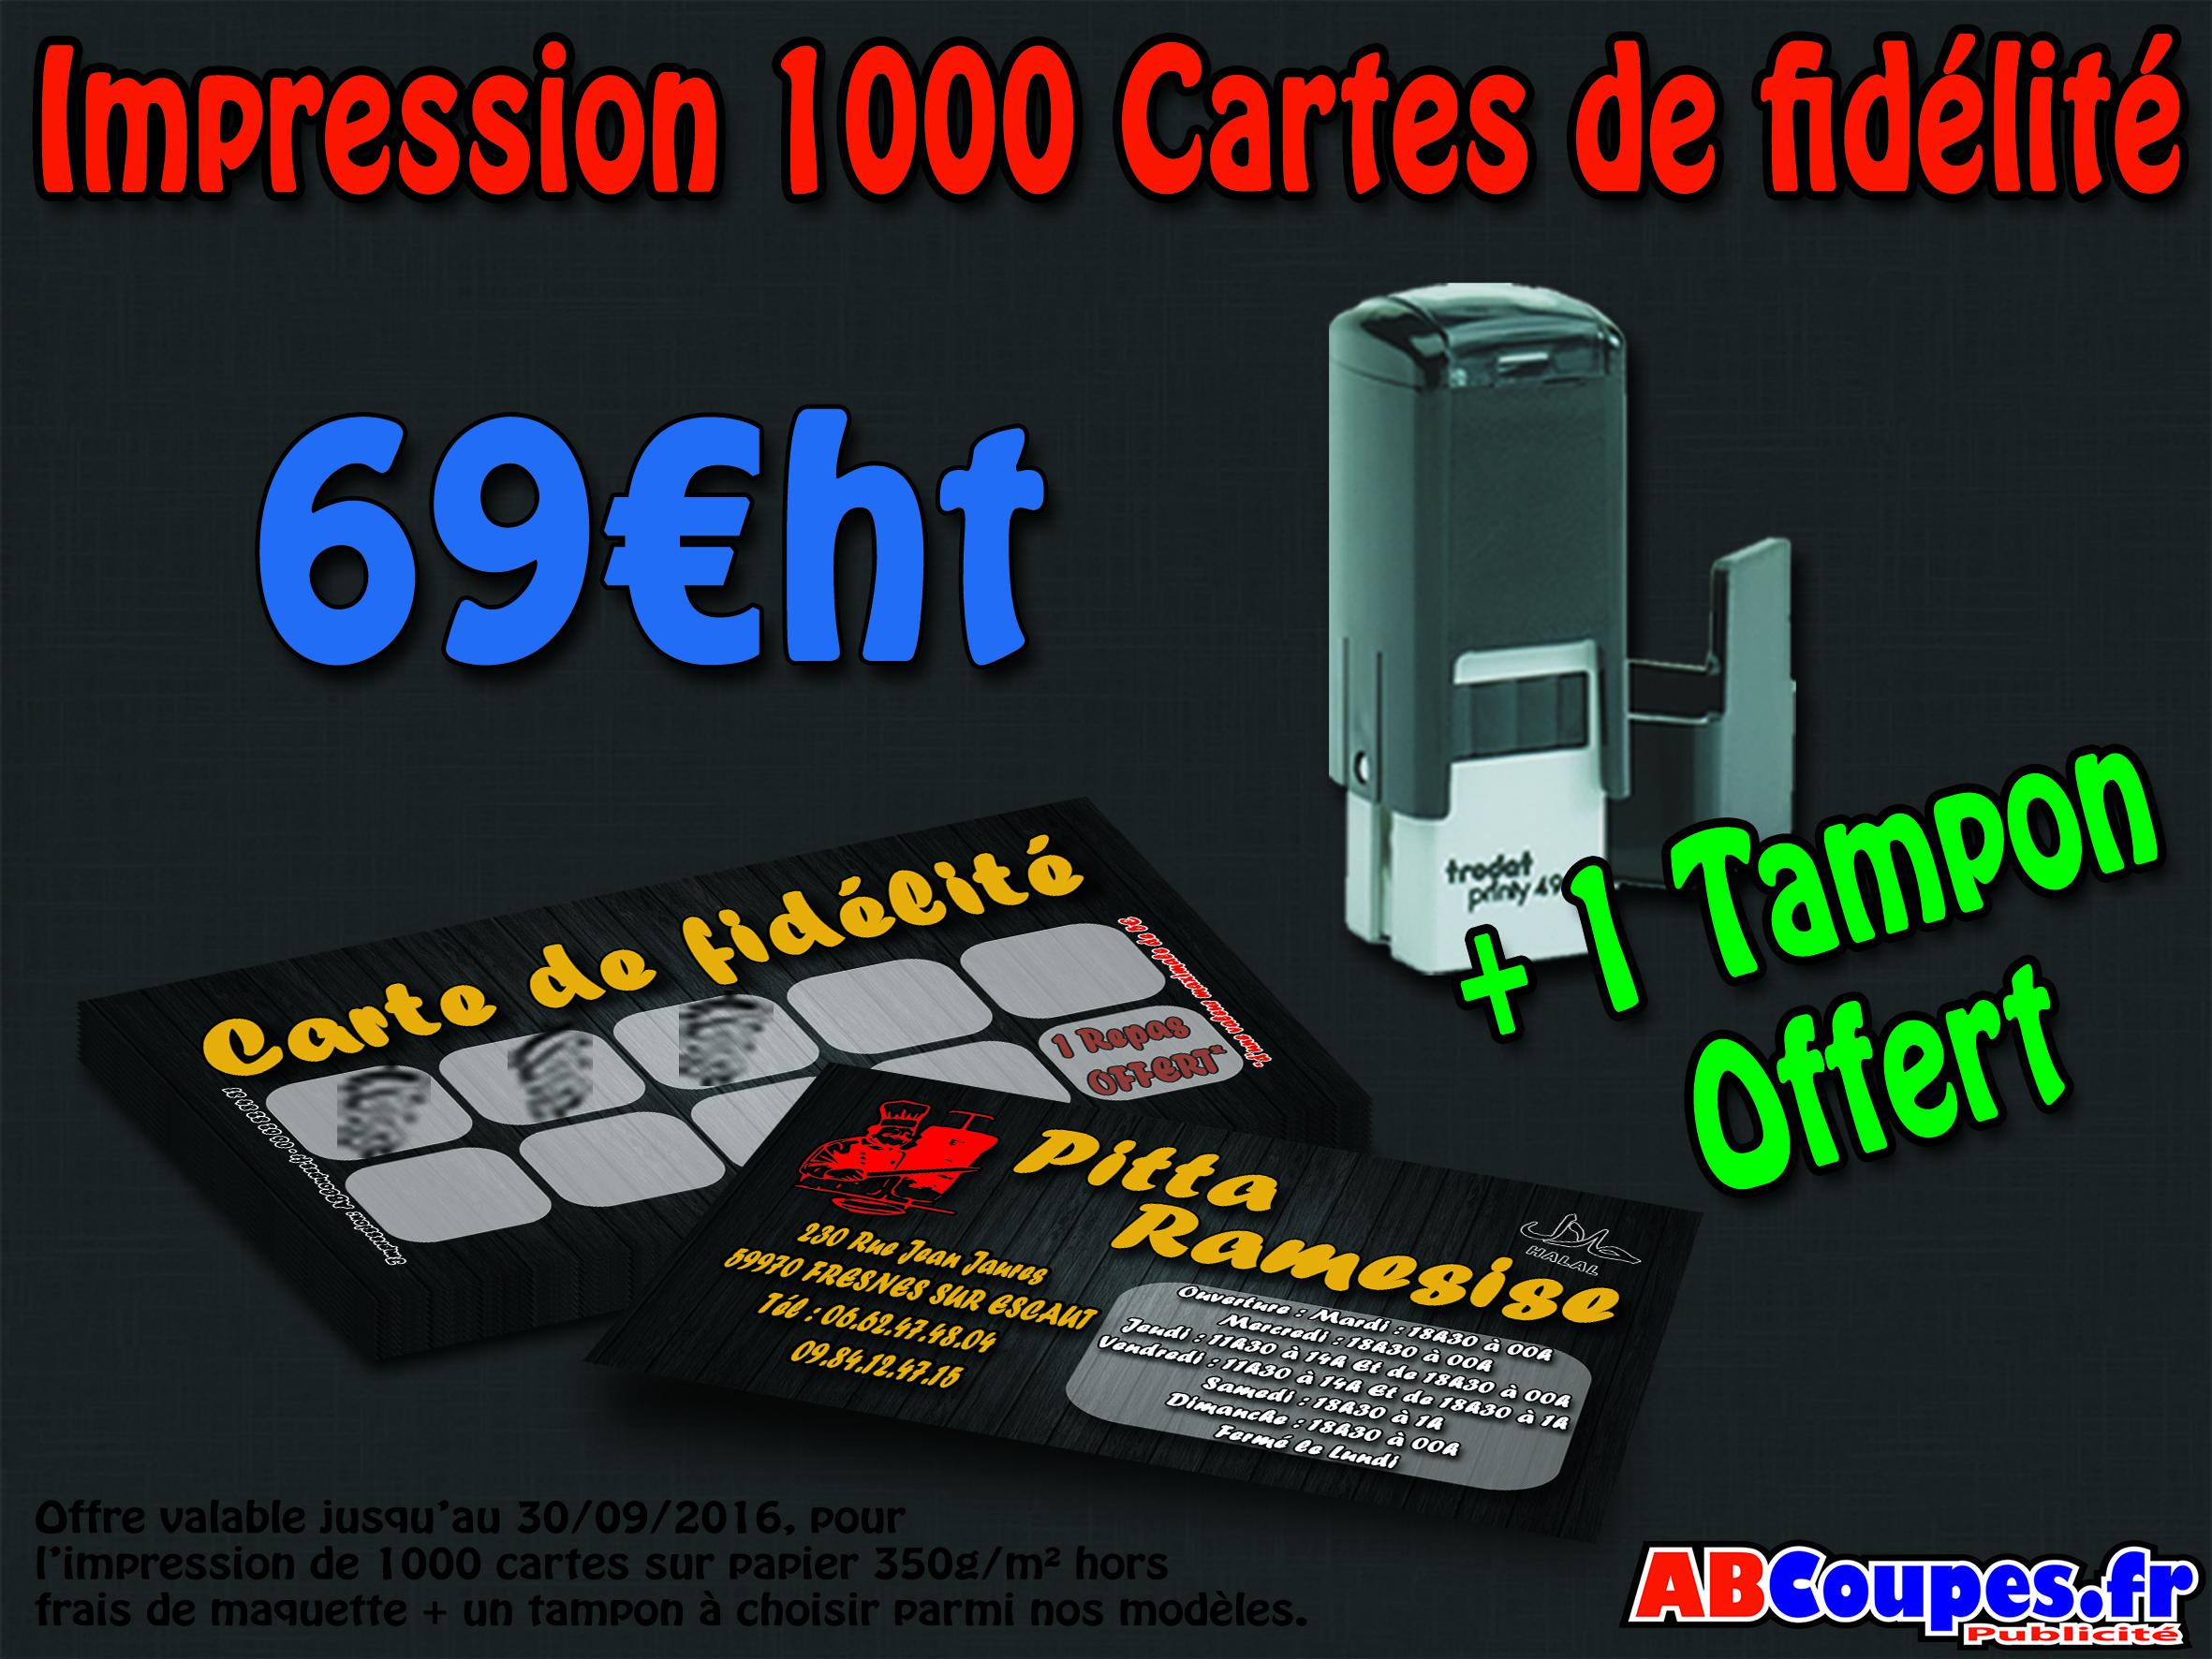 1000 Cartes de fidélité pour 69€HT + 1 tampon offert